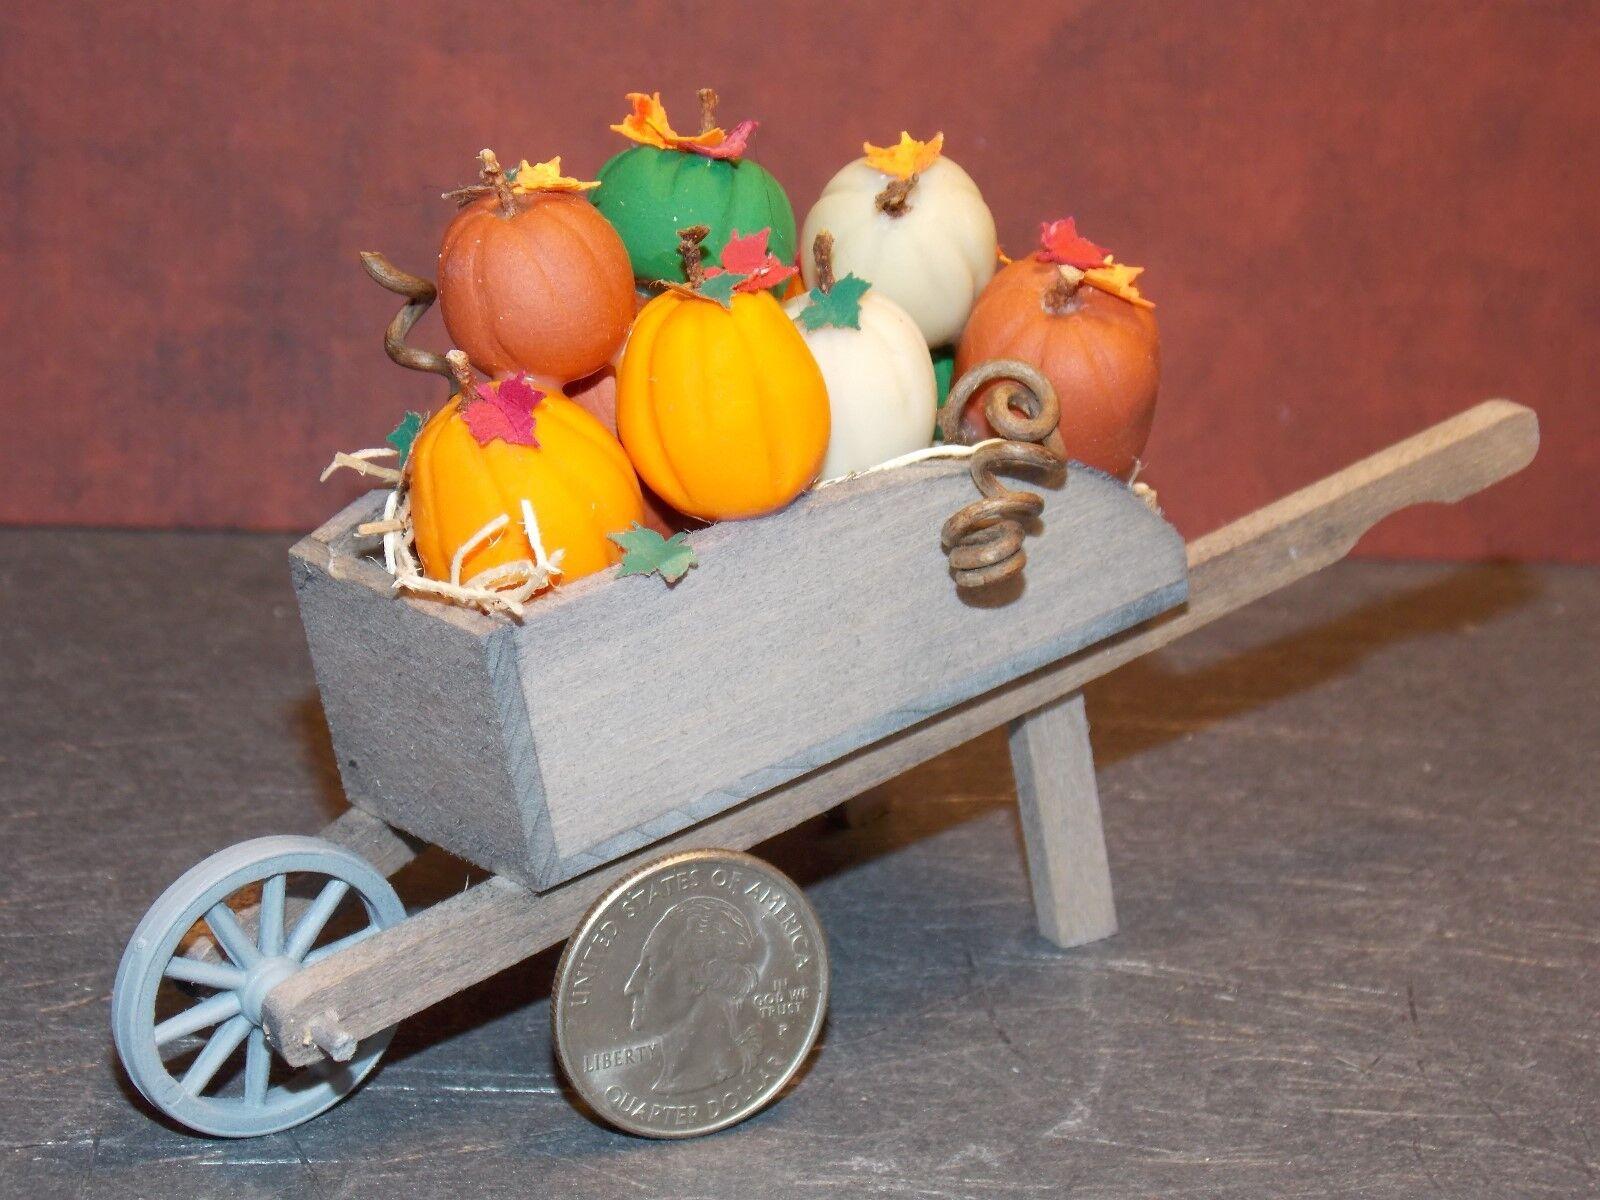 Casa de muñecas en miniatura Rueda Barrow otoño Calabazas C 1 12 escala F45 dollys Galería